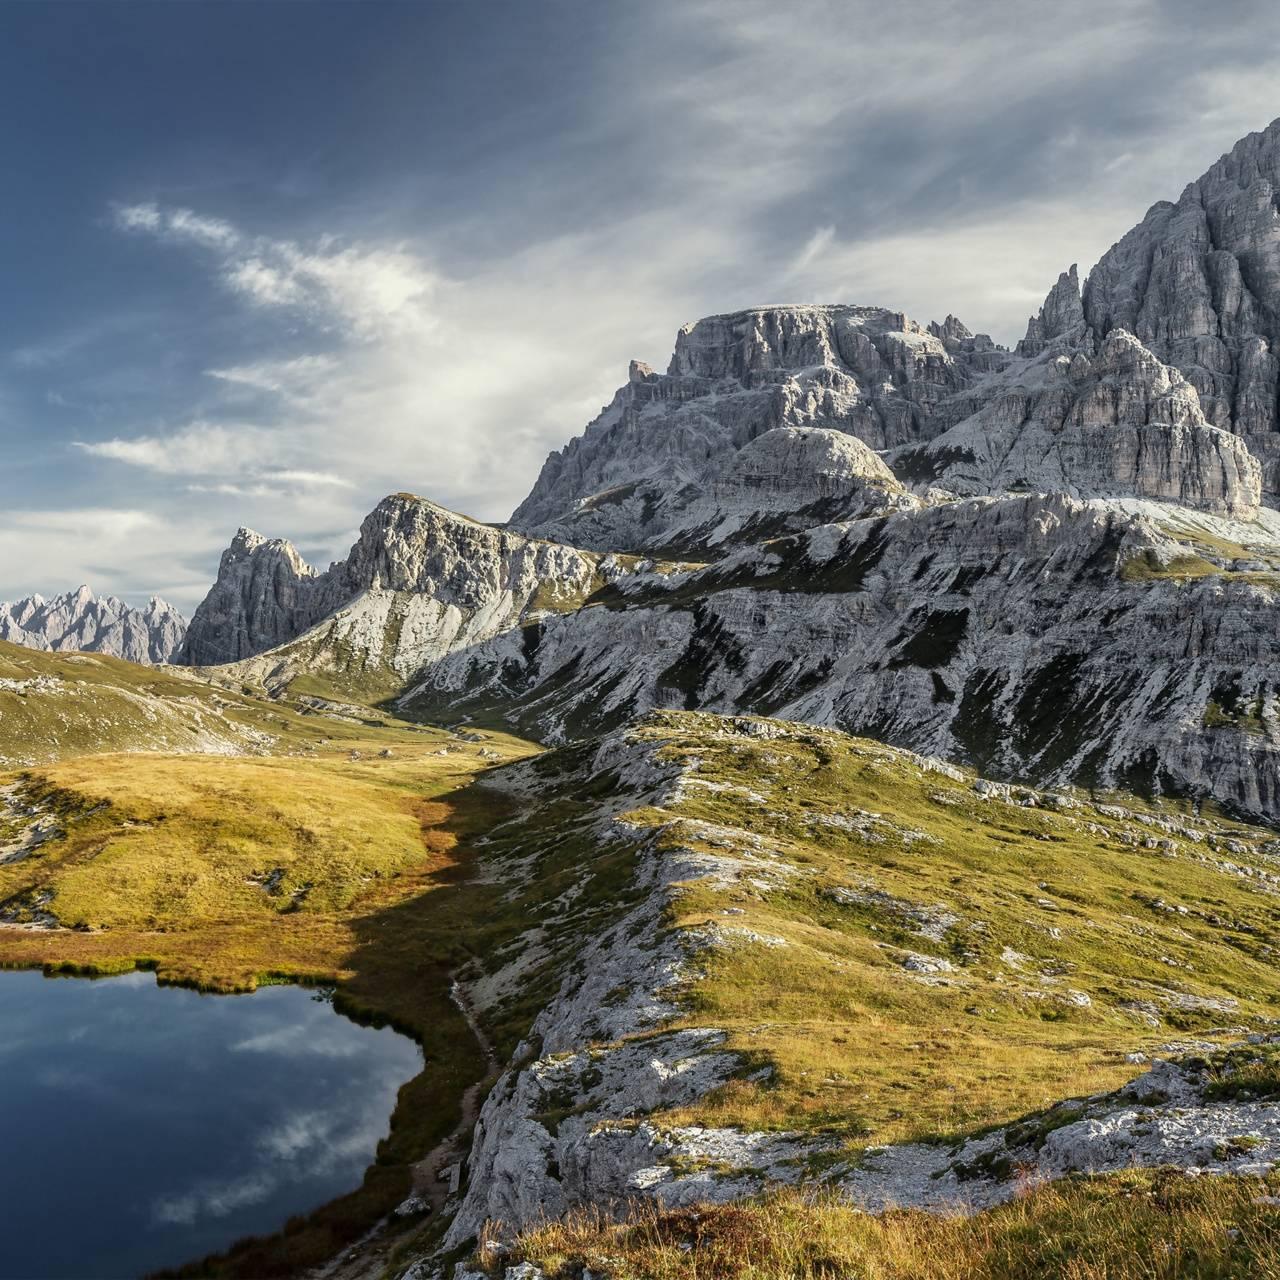 iMac Mountains